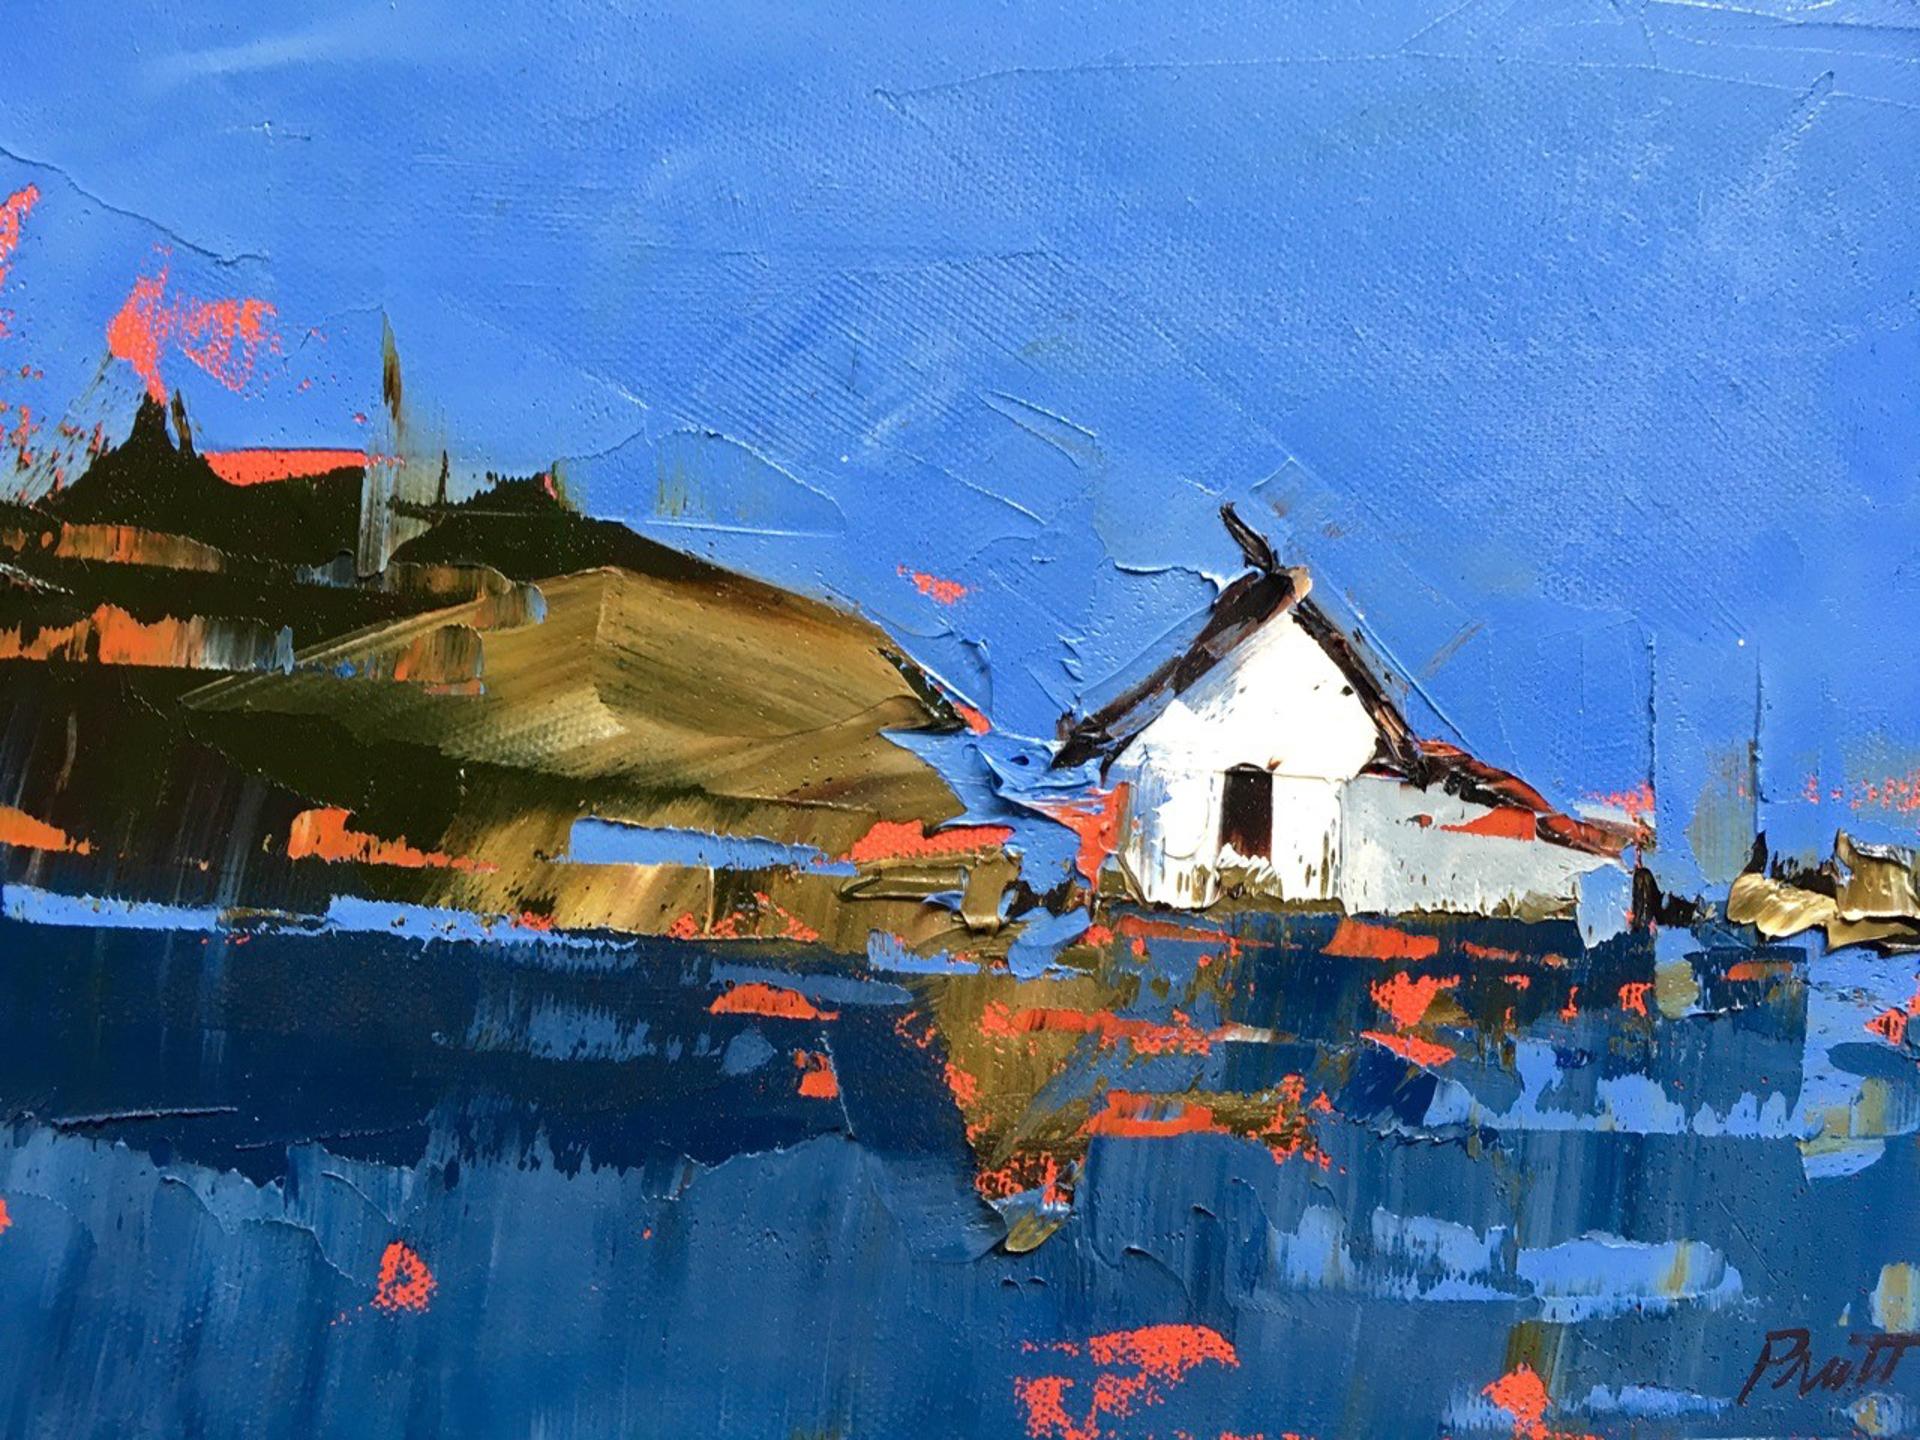 Blue Sky by Sandra Pratt